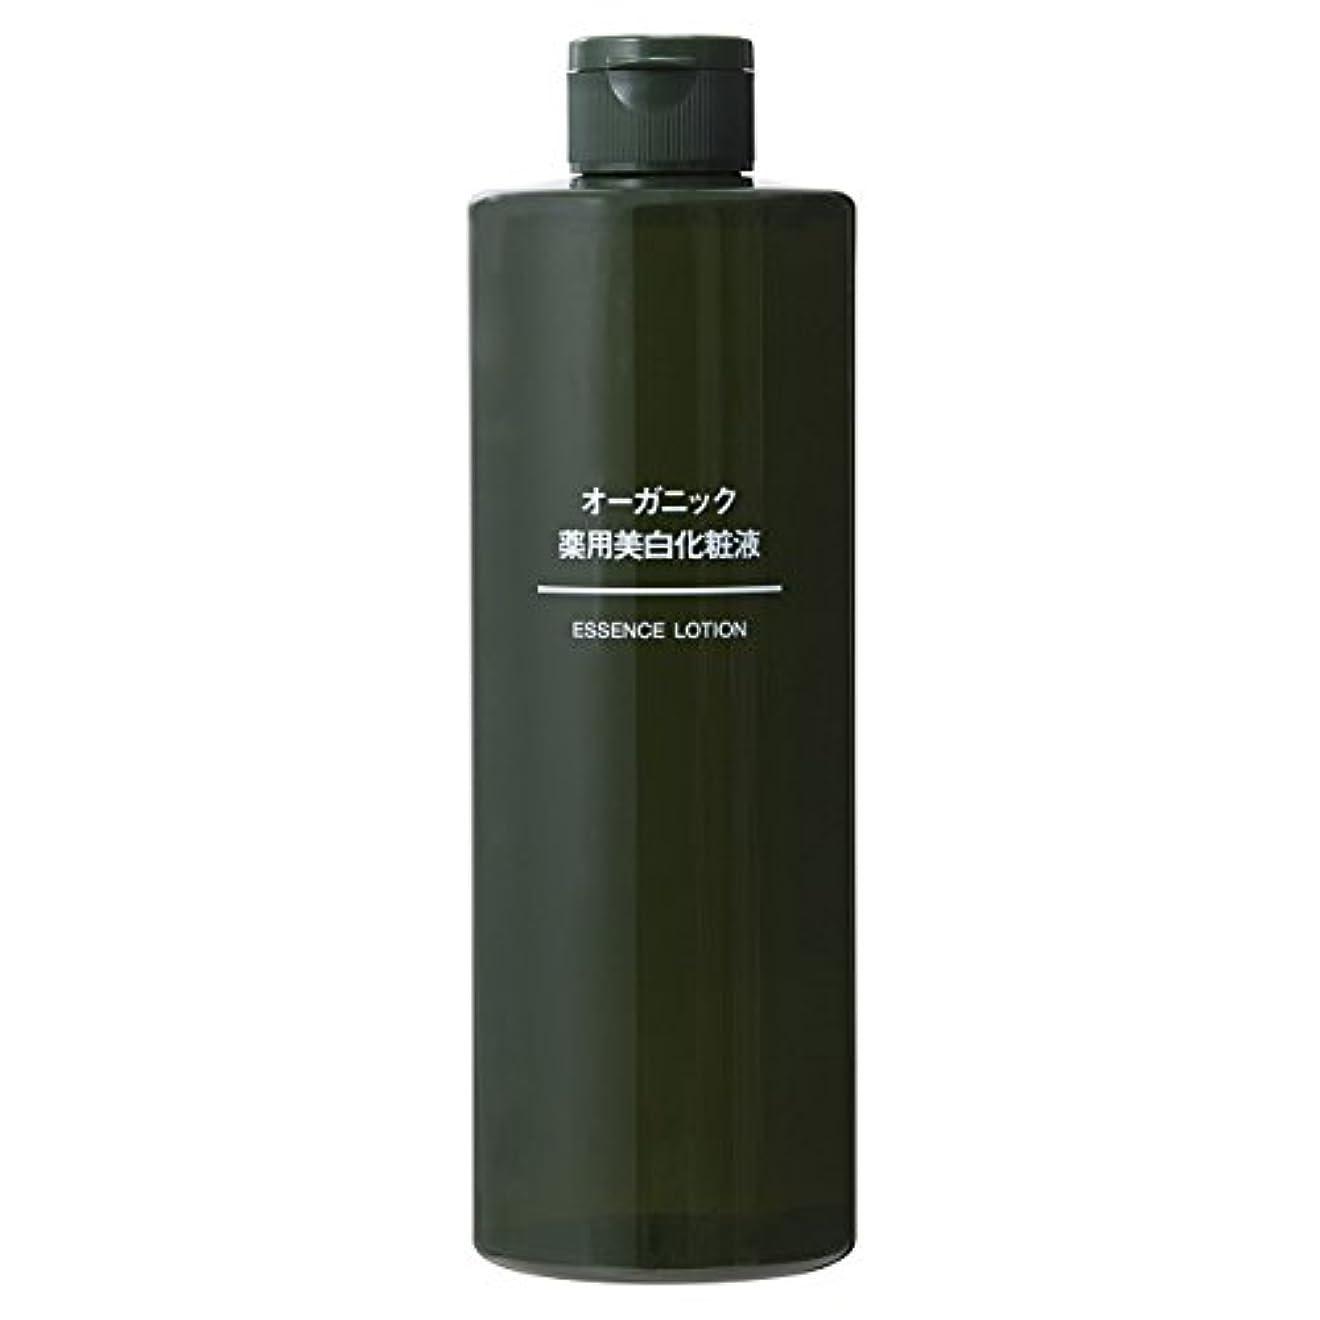 溢れんばかりの恥ずかしさ歩行者無印良品 オーガニック薬用美白化粧液(大容量) 400ml